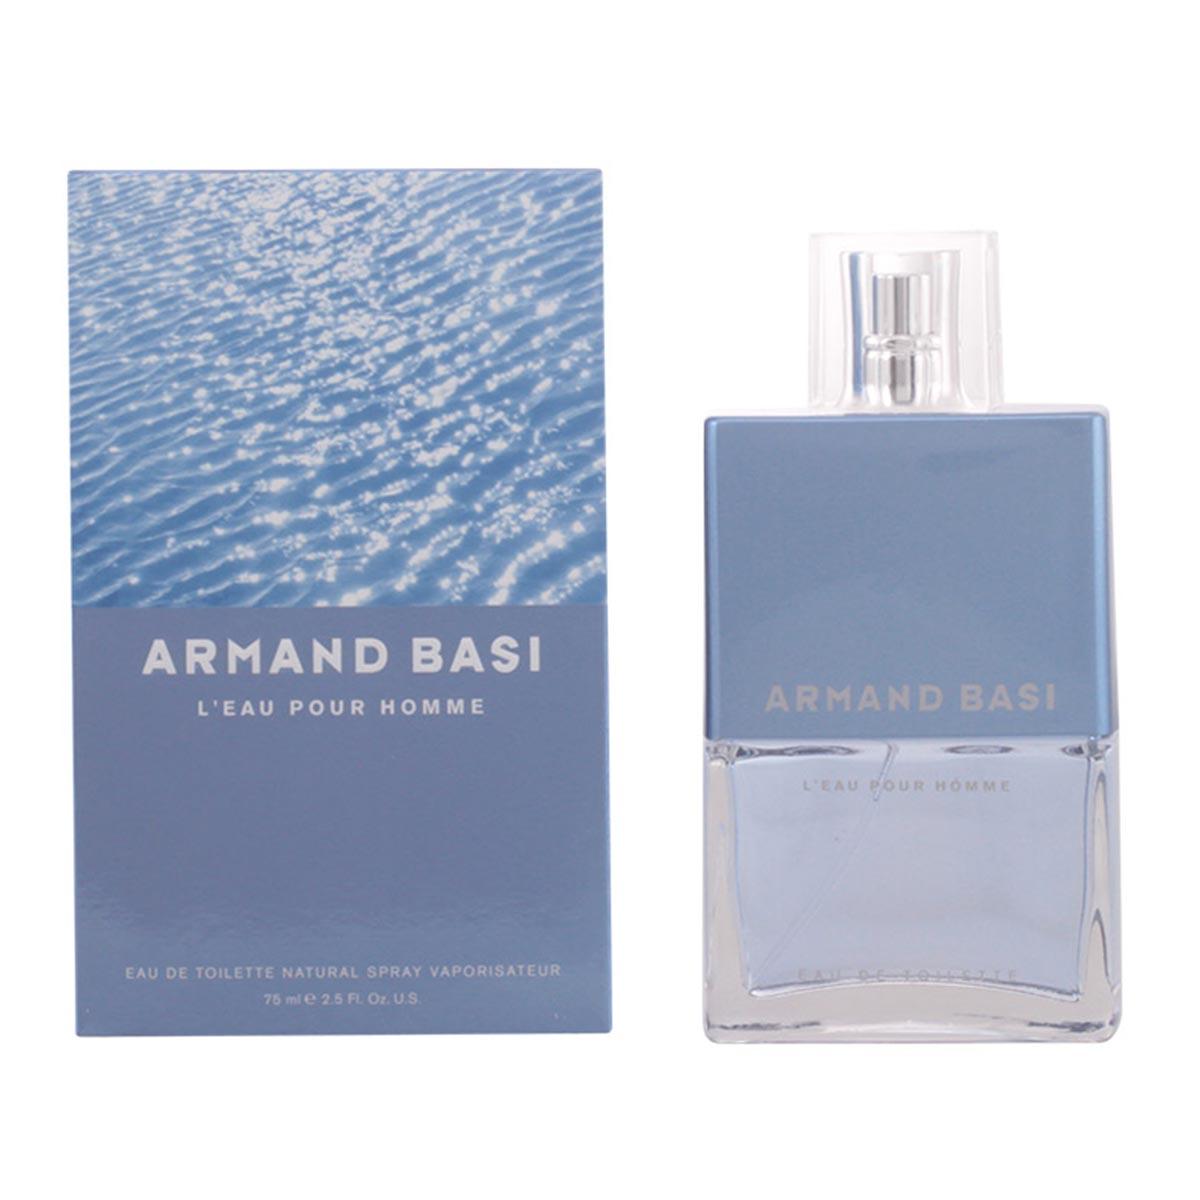 Armand basi l eau pour homme eau de toilette 125ml vaporizador